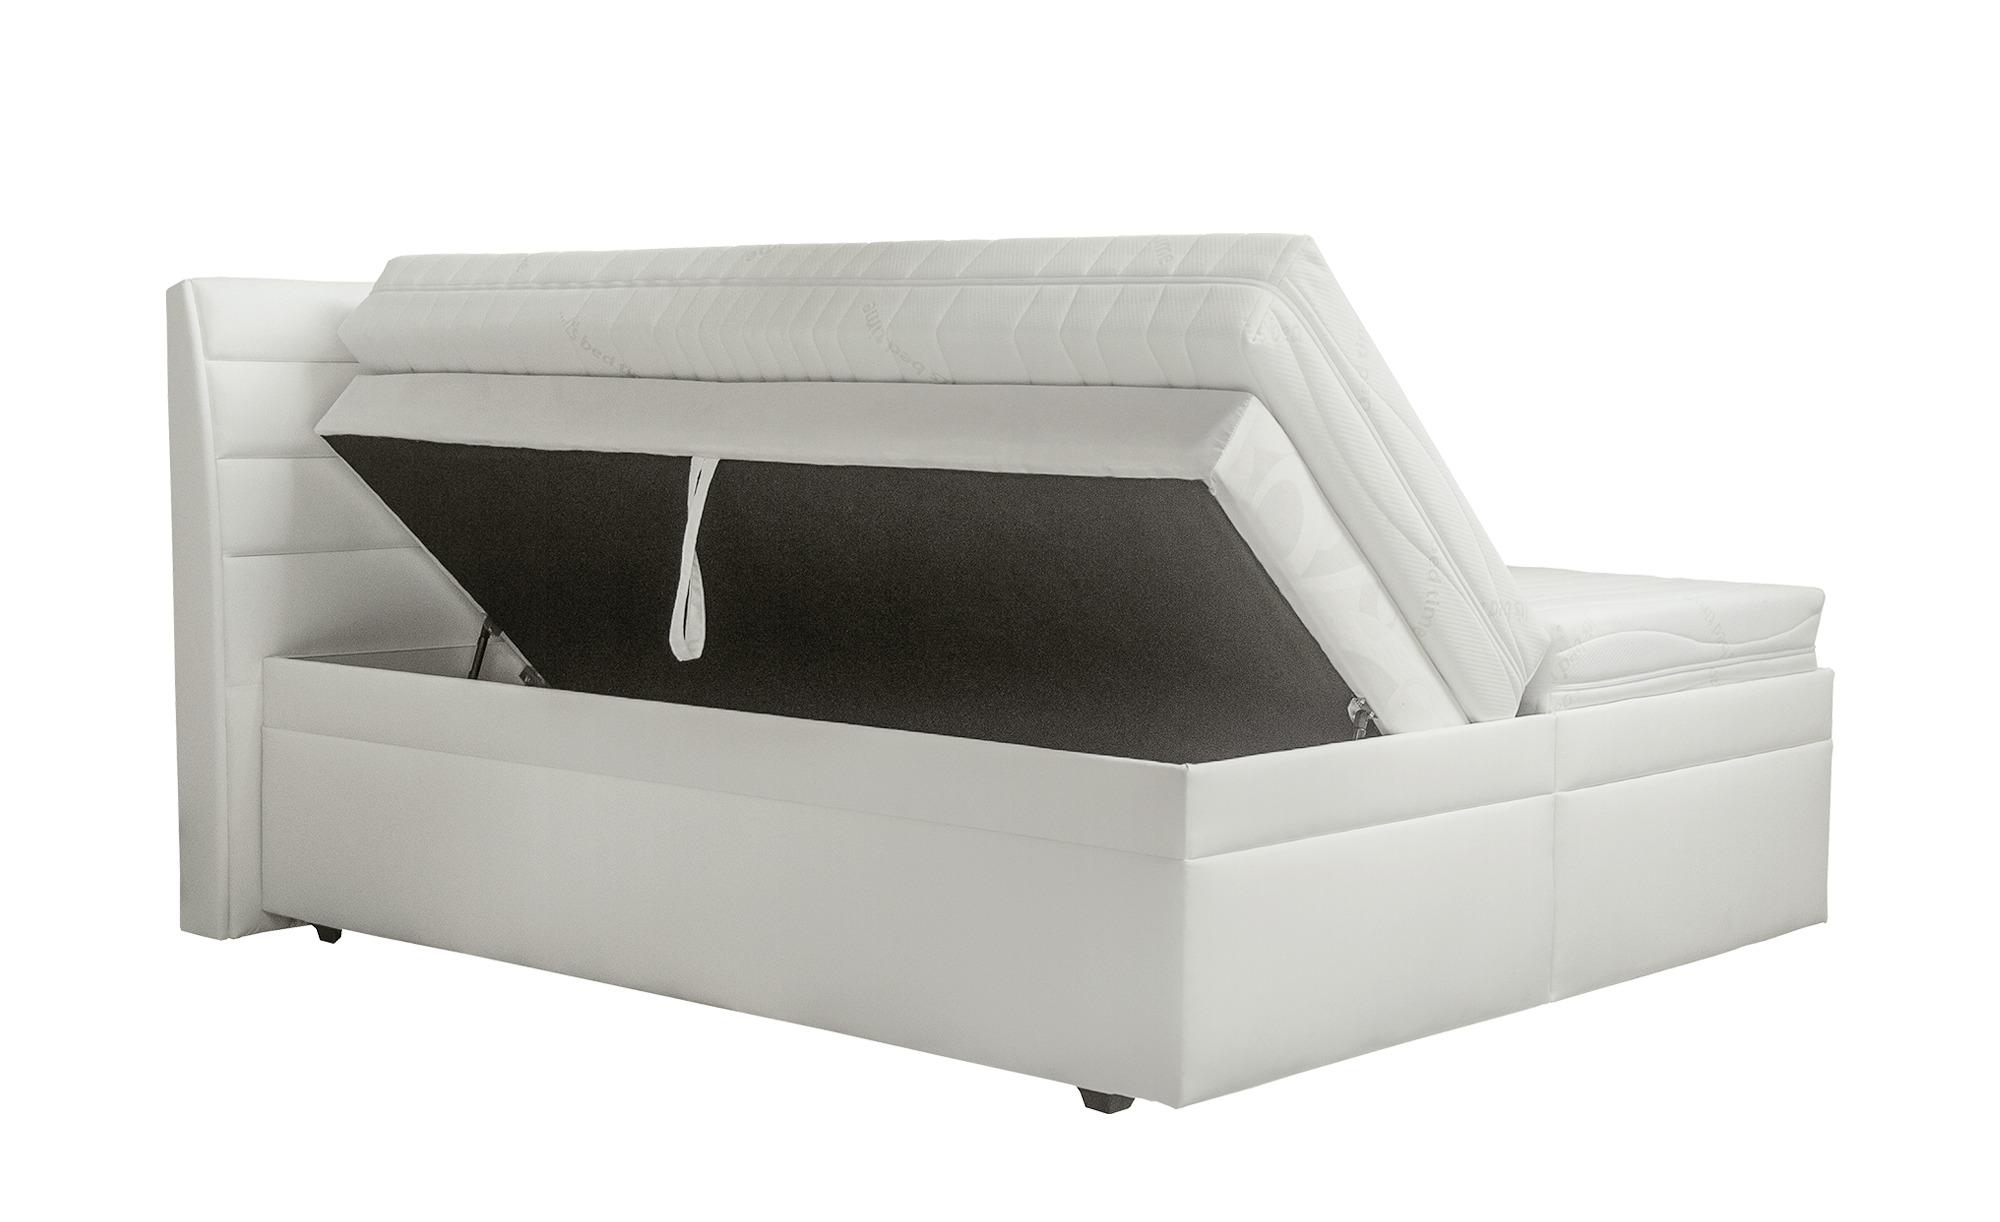 Boxspringbett  Olympie - weiß - 182 cm - 116 cm - 220 cm - Sconto